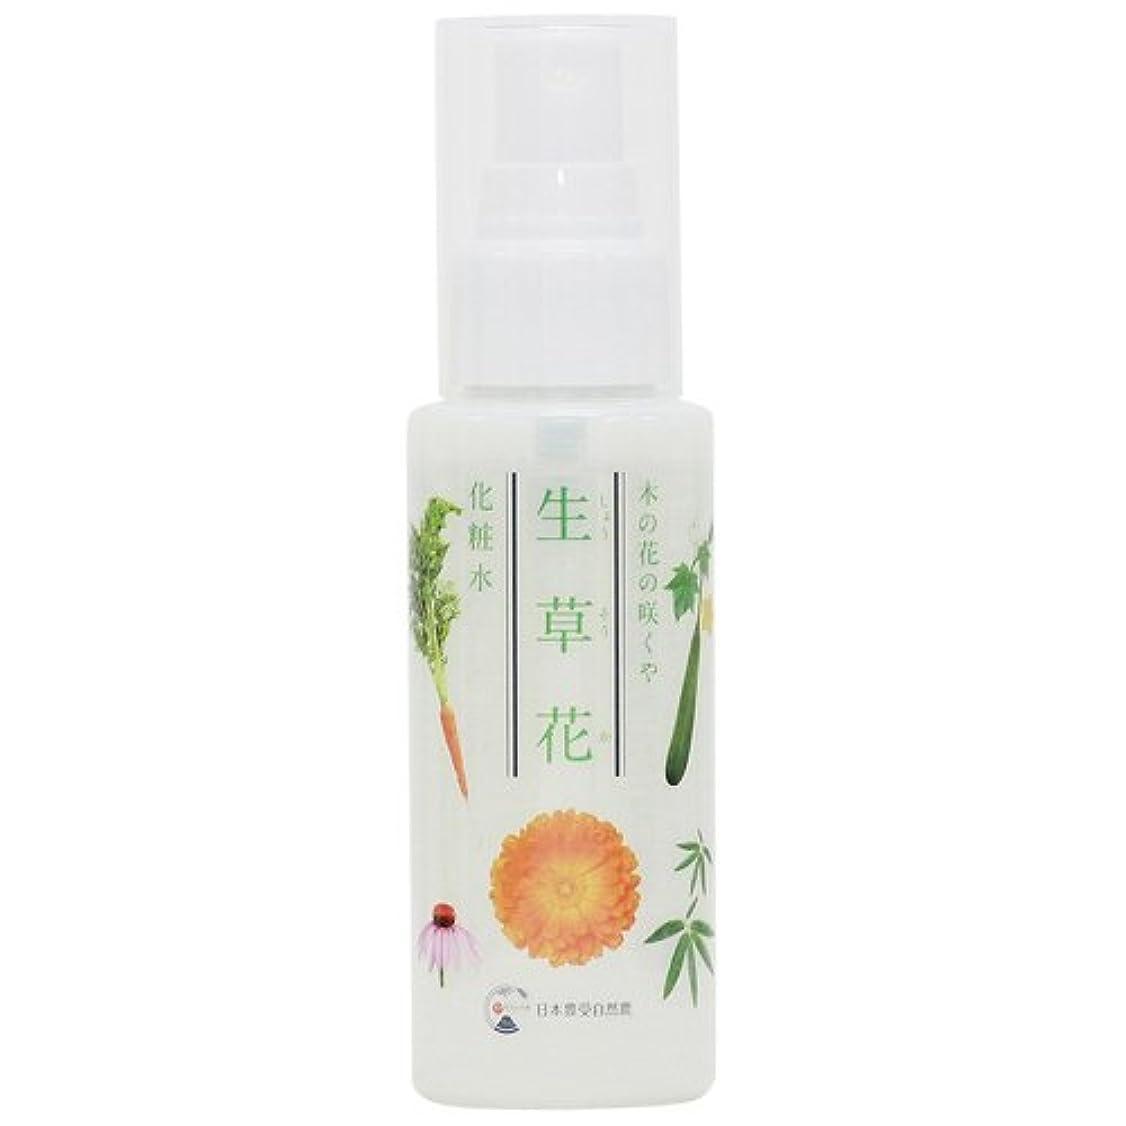 重要な筋肉の花婿日本豊受自然農 木の花の咲くや 生草花 化粧水 80ml